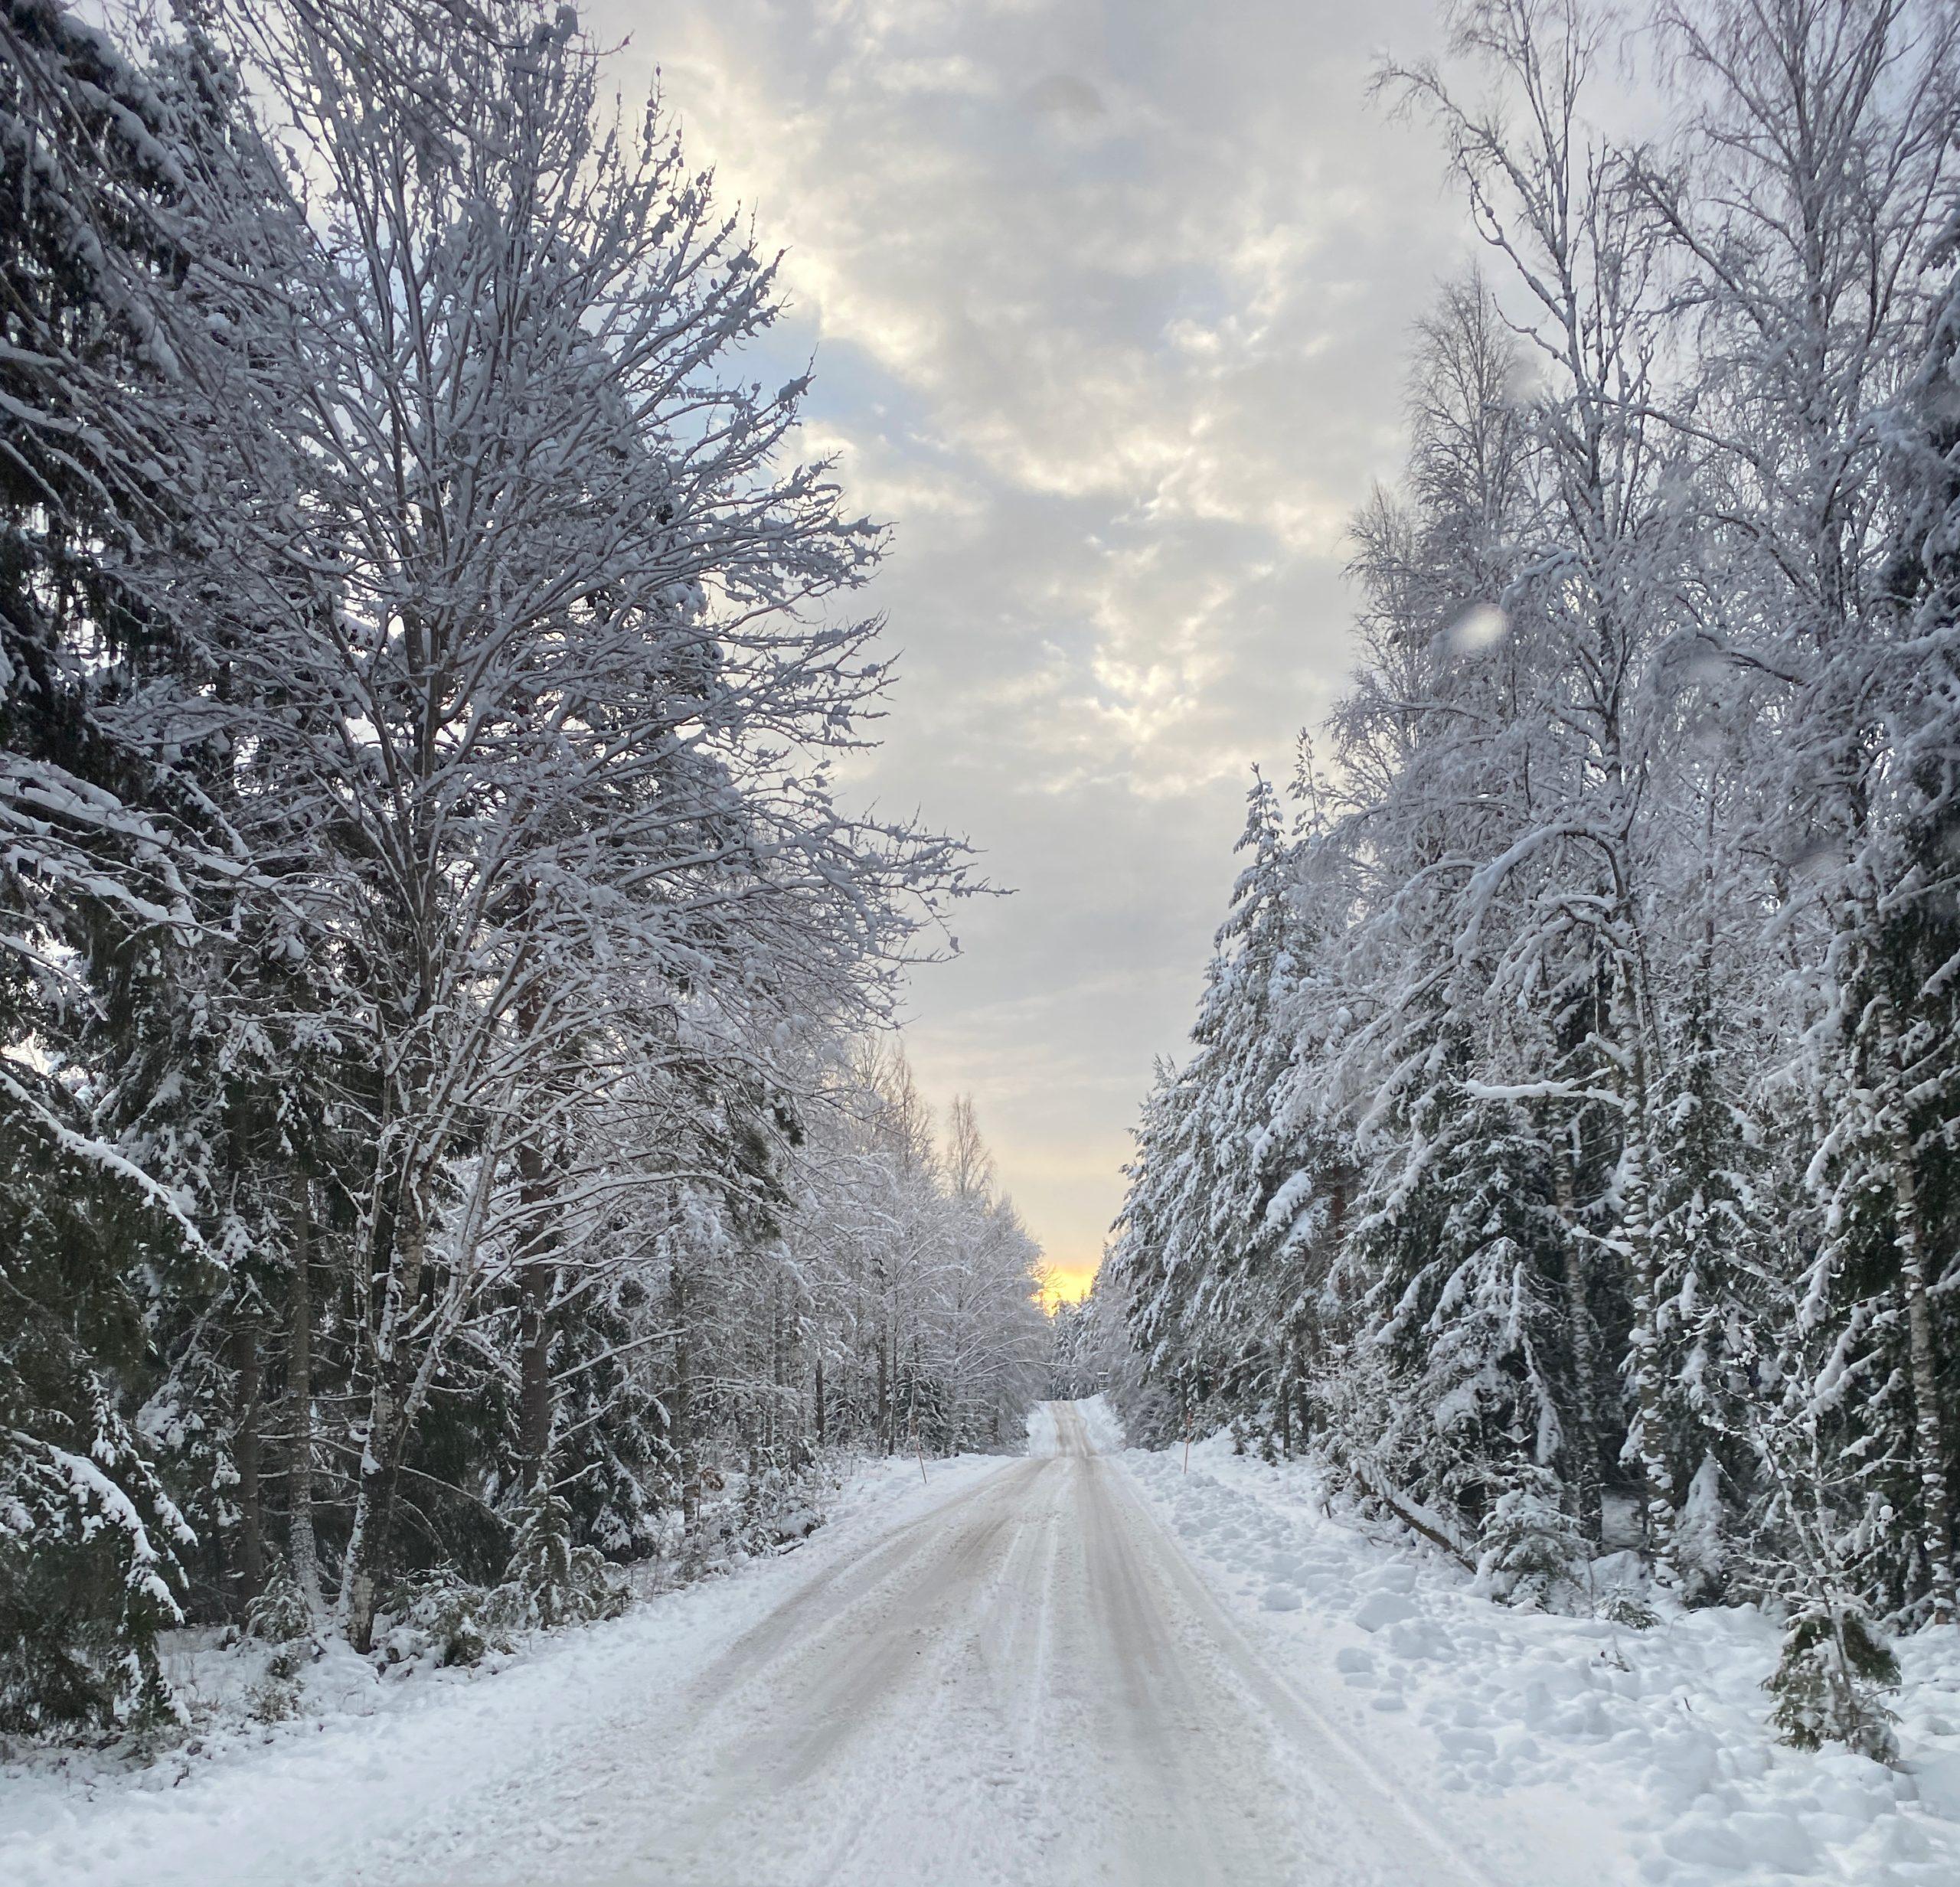 På väg till Stora Hammarsjöområdet